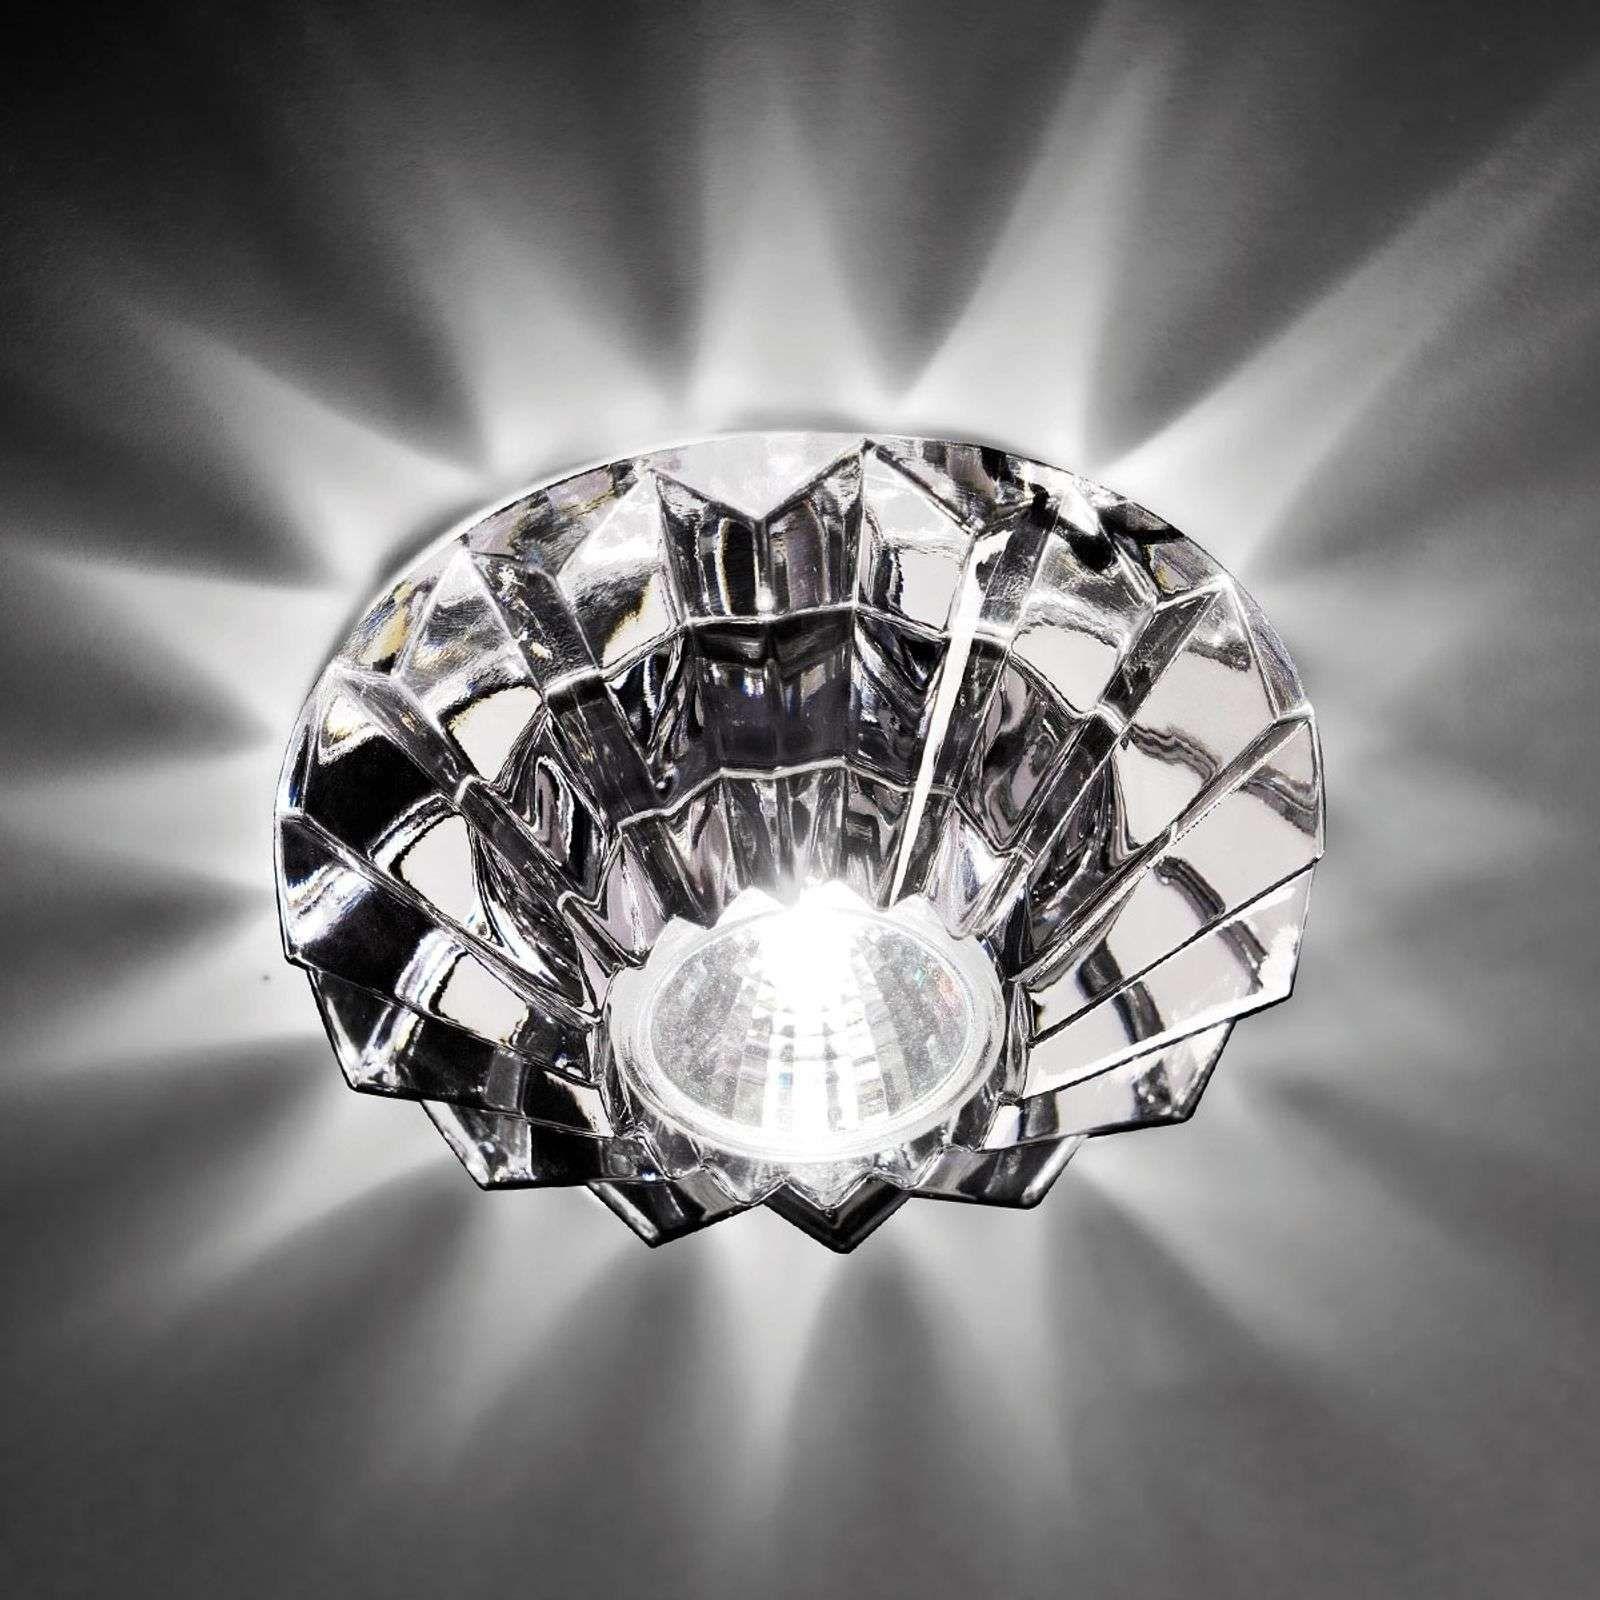 Inbouwmaat Spotjes Inbouwspots Inbouwdiepte 15 Mm 12 Volt Inbouwspots Inbouwspots Led Led Spots Philips Dimbaar In 2020 Spotjes Binnenverlichting Lampen24